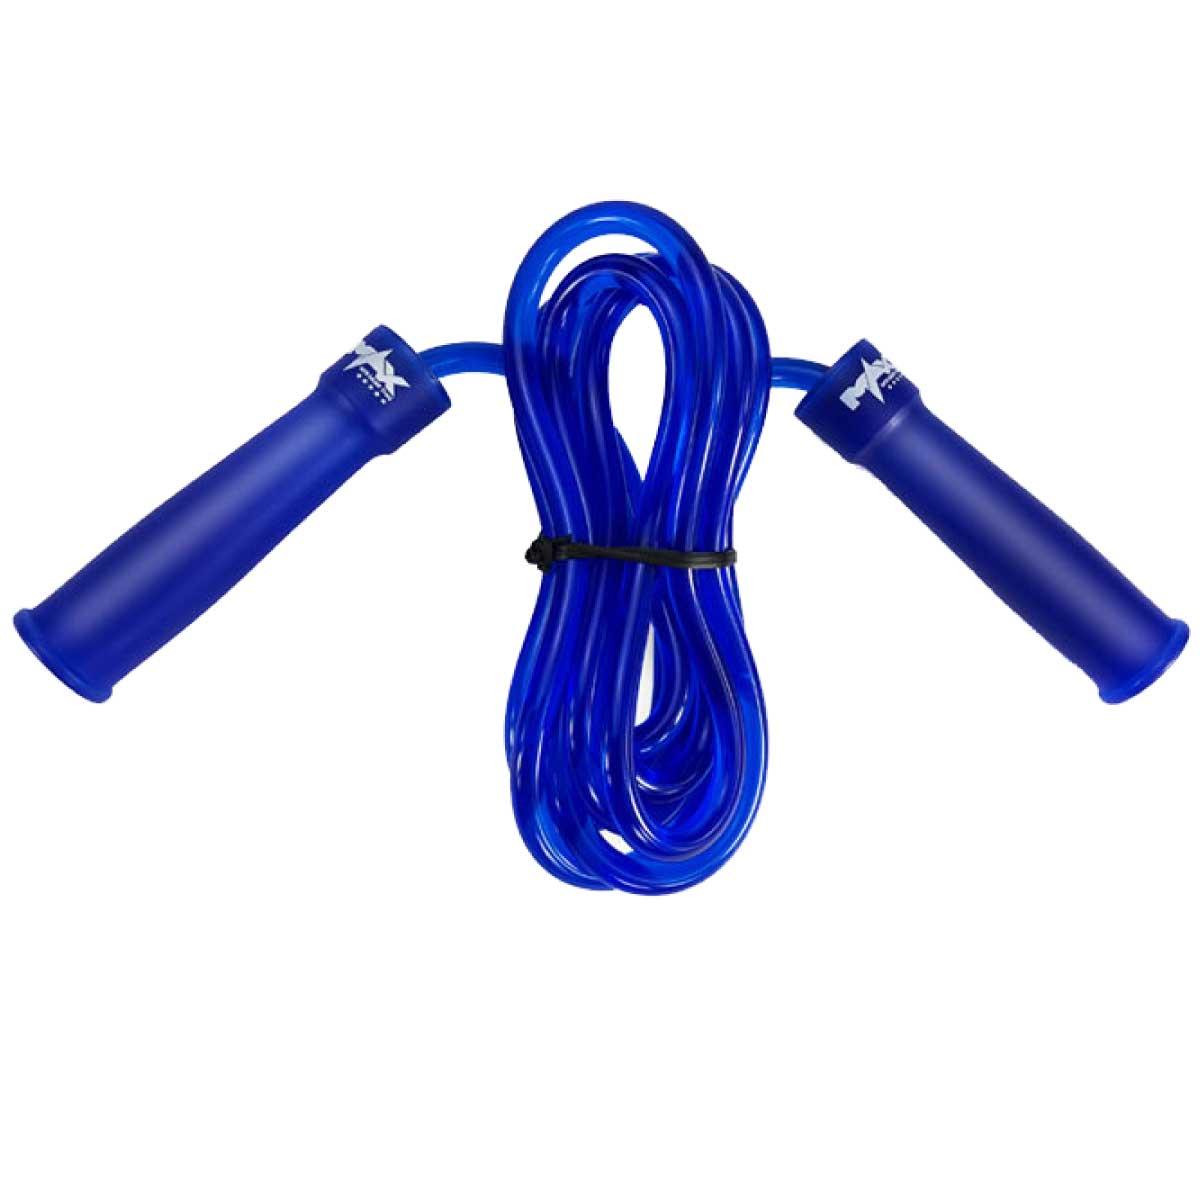 Dây nhảy thể lực MTB 10mm - Deep Blue